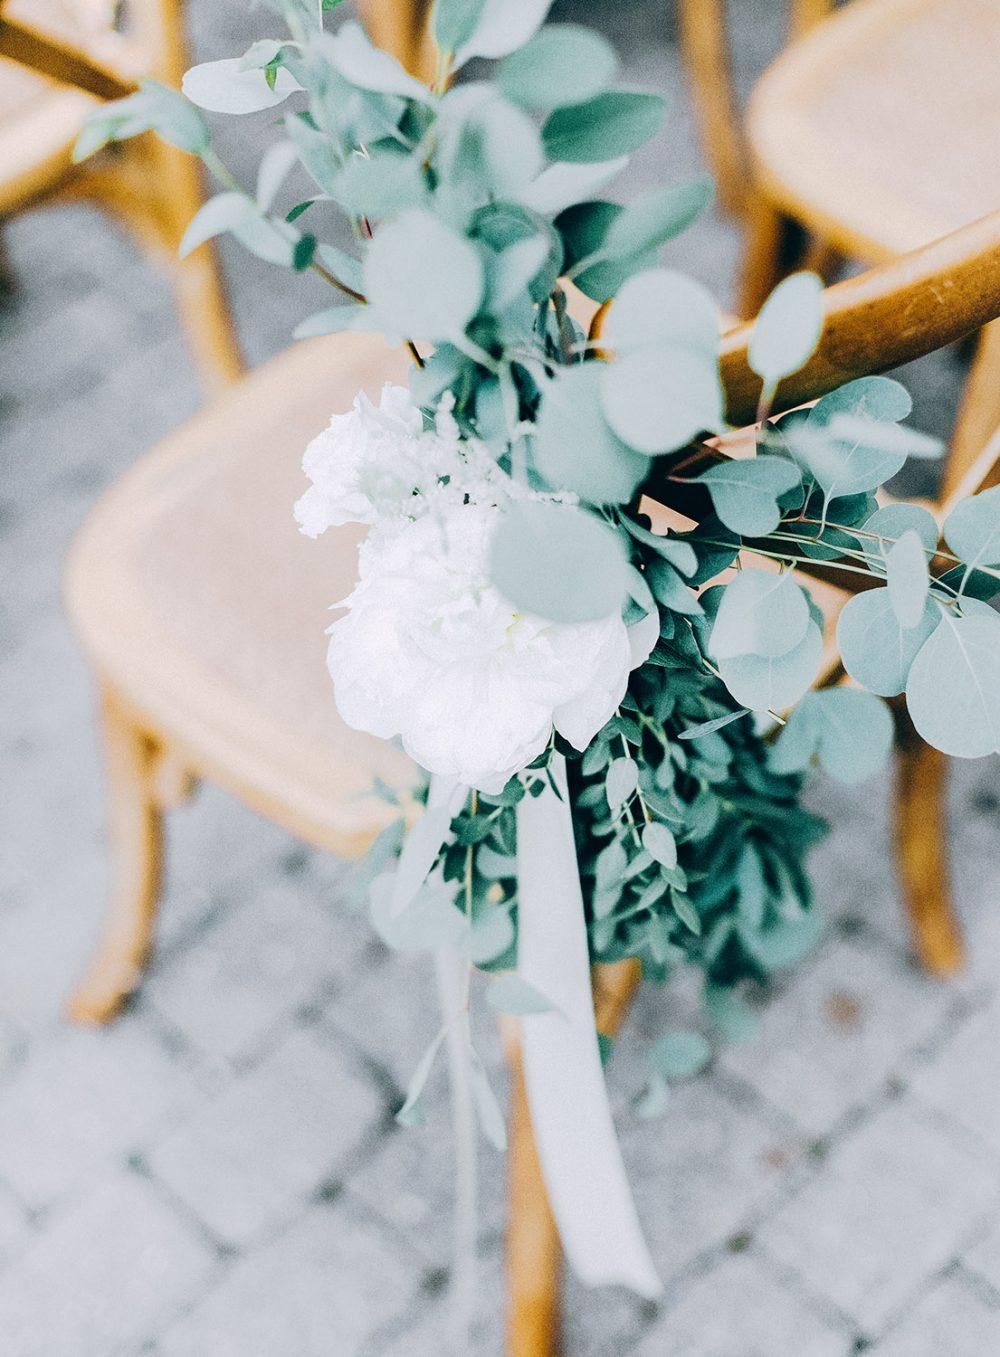 Hochzeit Grandhotel Giessbach Organic Wedding Eucalyptus Peonies Pfingstrosen St. Remy Chairs nachhaltig Hochzeitsblumen Hochzeitsdekoration Bern Zürich Schweiz Tabea Maria-Lisa